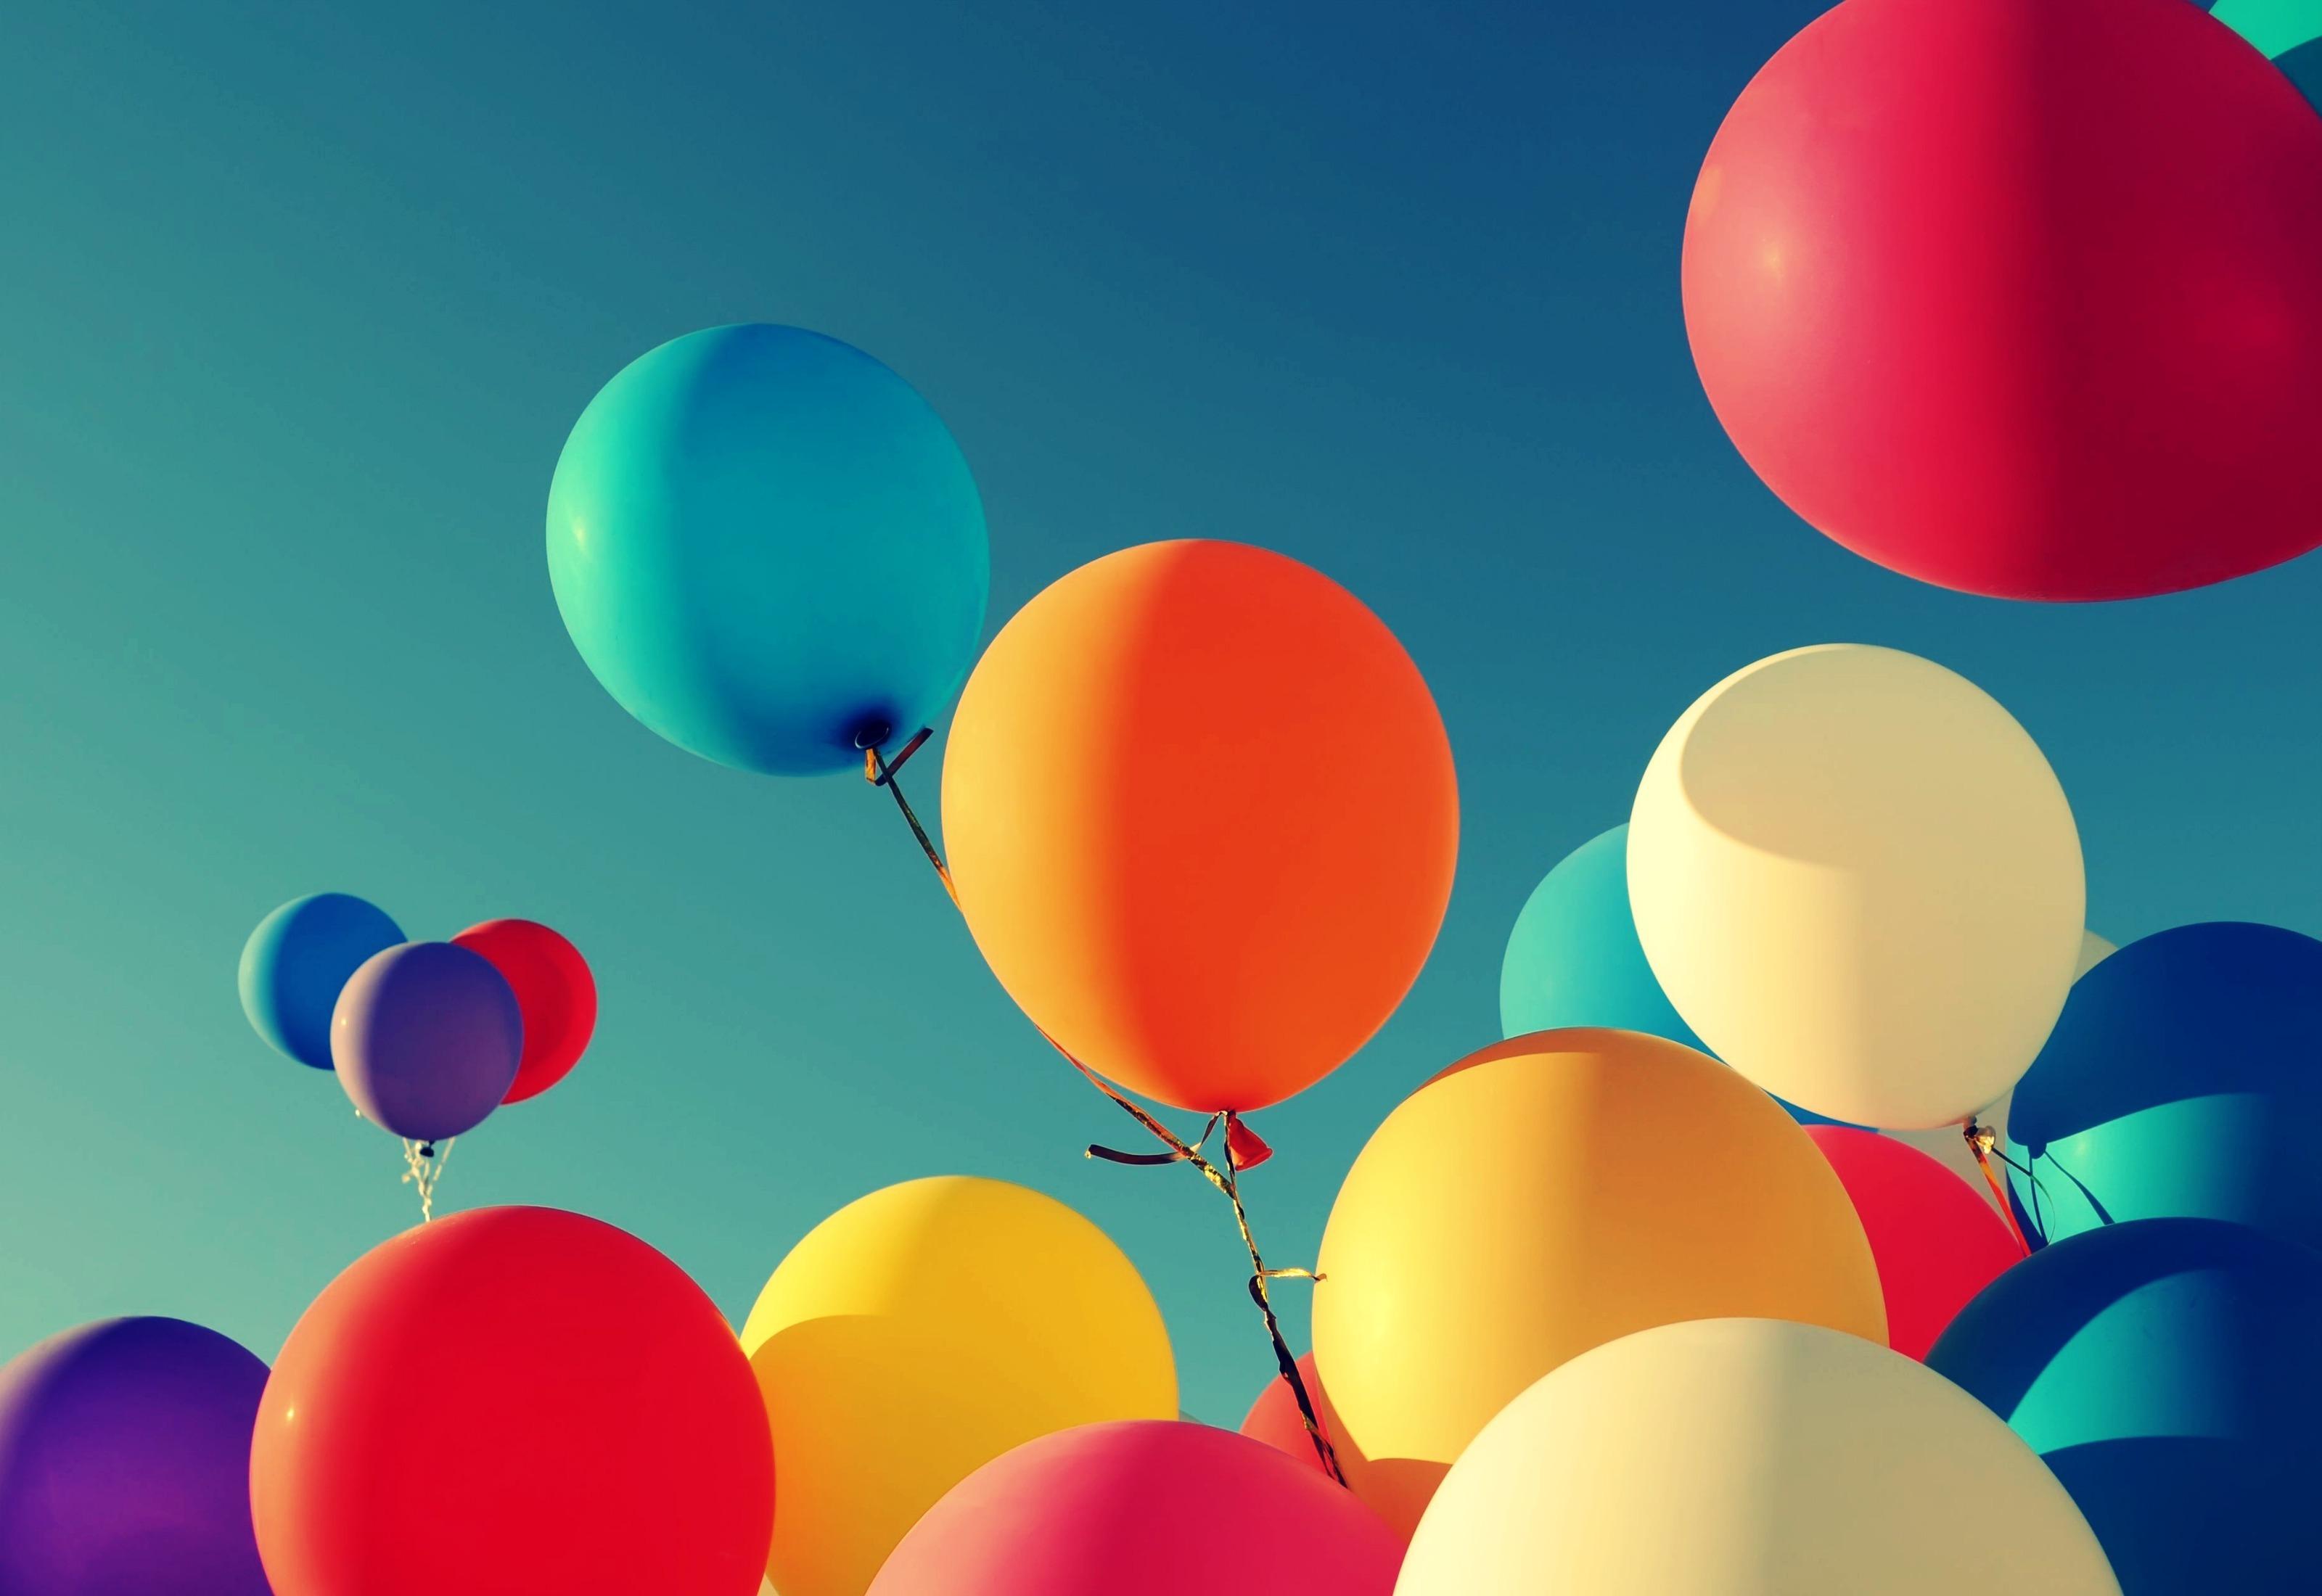 Открытка с воздушными шариками, собак ньюфаундленд картинки